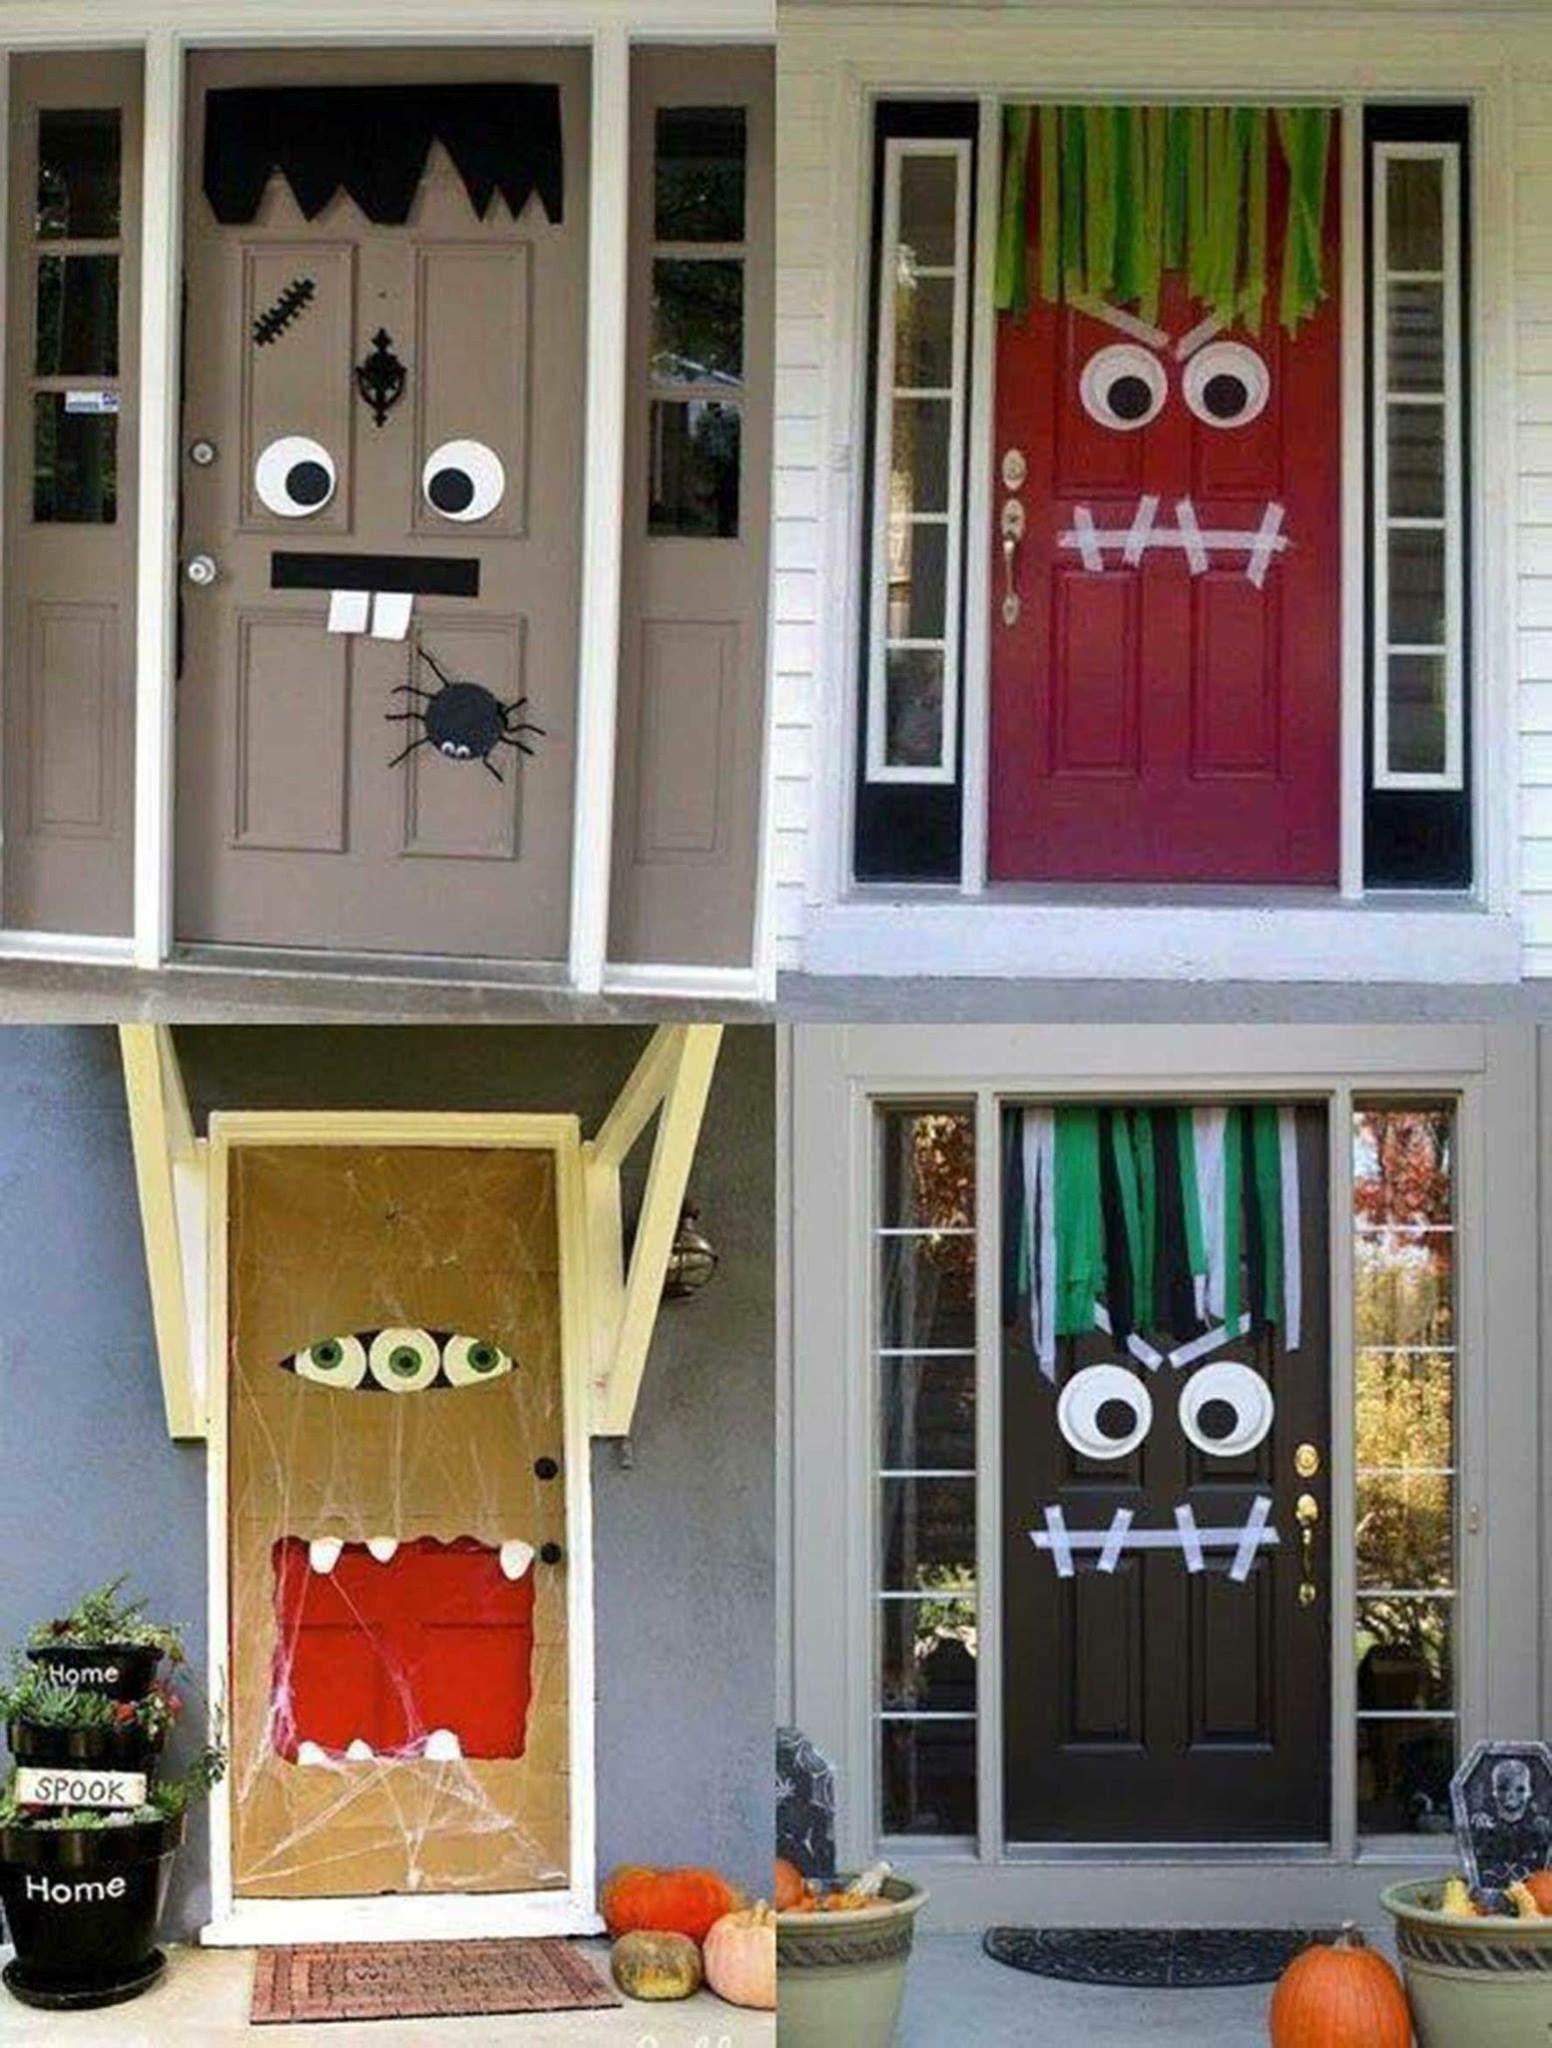 Pin by Allison McCullick on Halloween Pinterest - pinterest halloween door decor